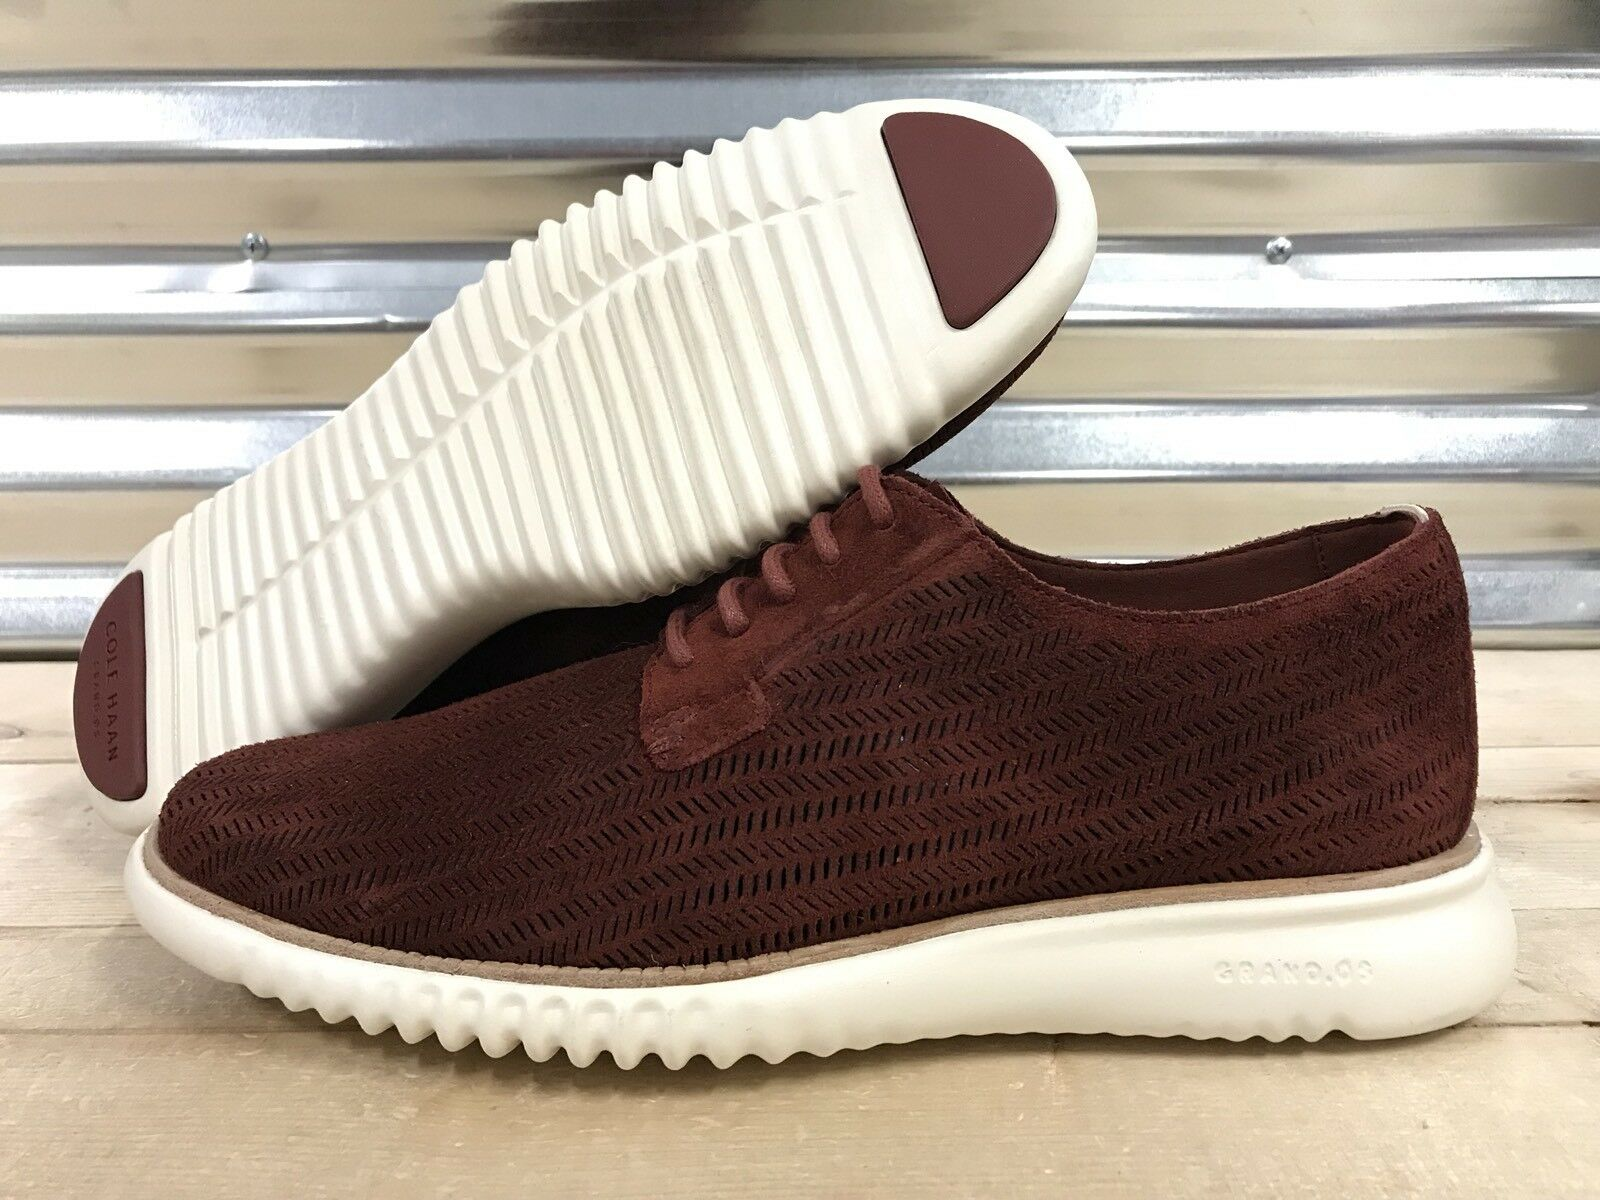 Zapatos De Vestir Cole Haan Haan Cole 2. Zerogrand 2.0 Rojo muestra de color blanco (C27338) f5b792